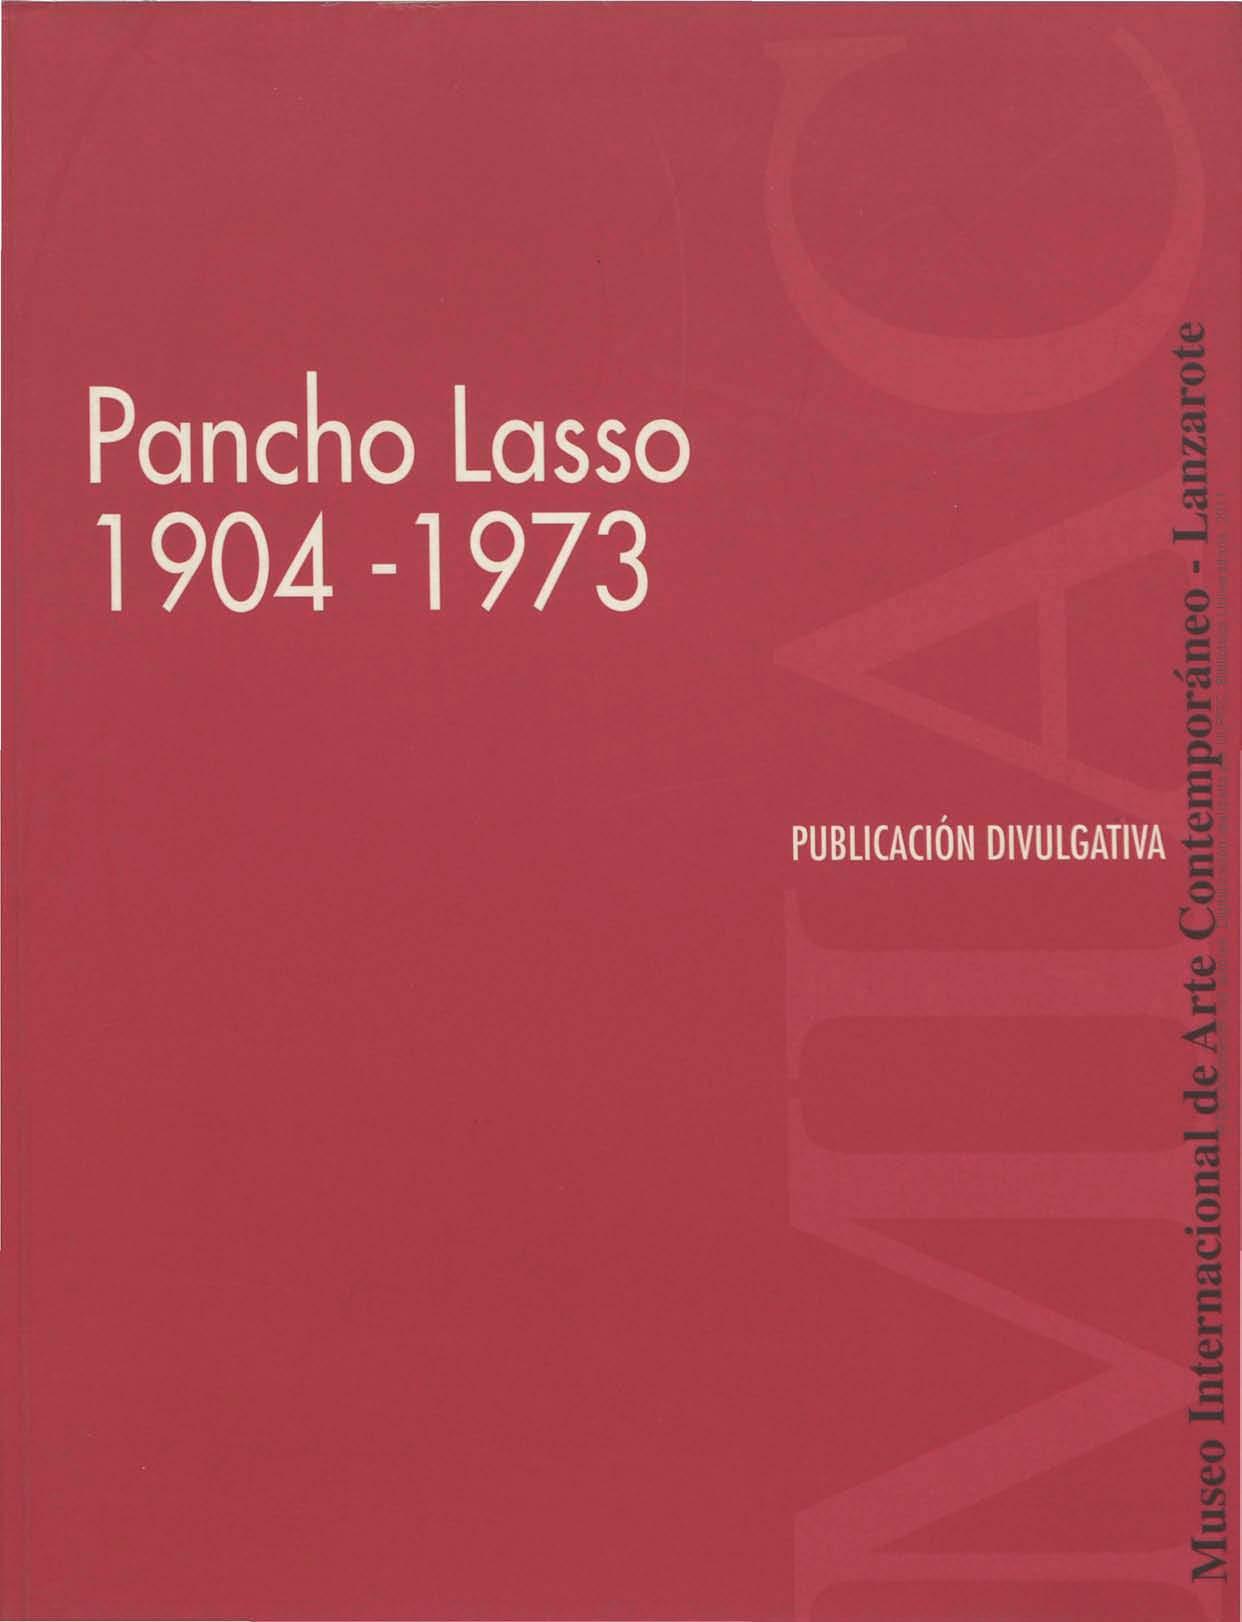 Pancho Lasso 1904-1973. Publicación divulgativa